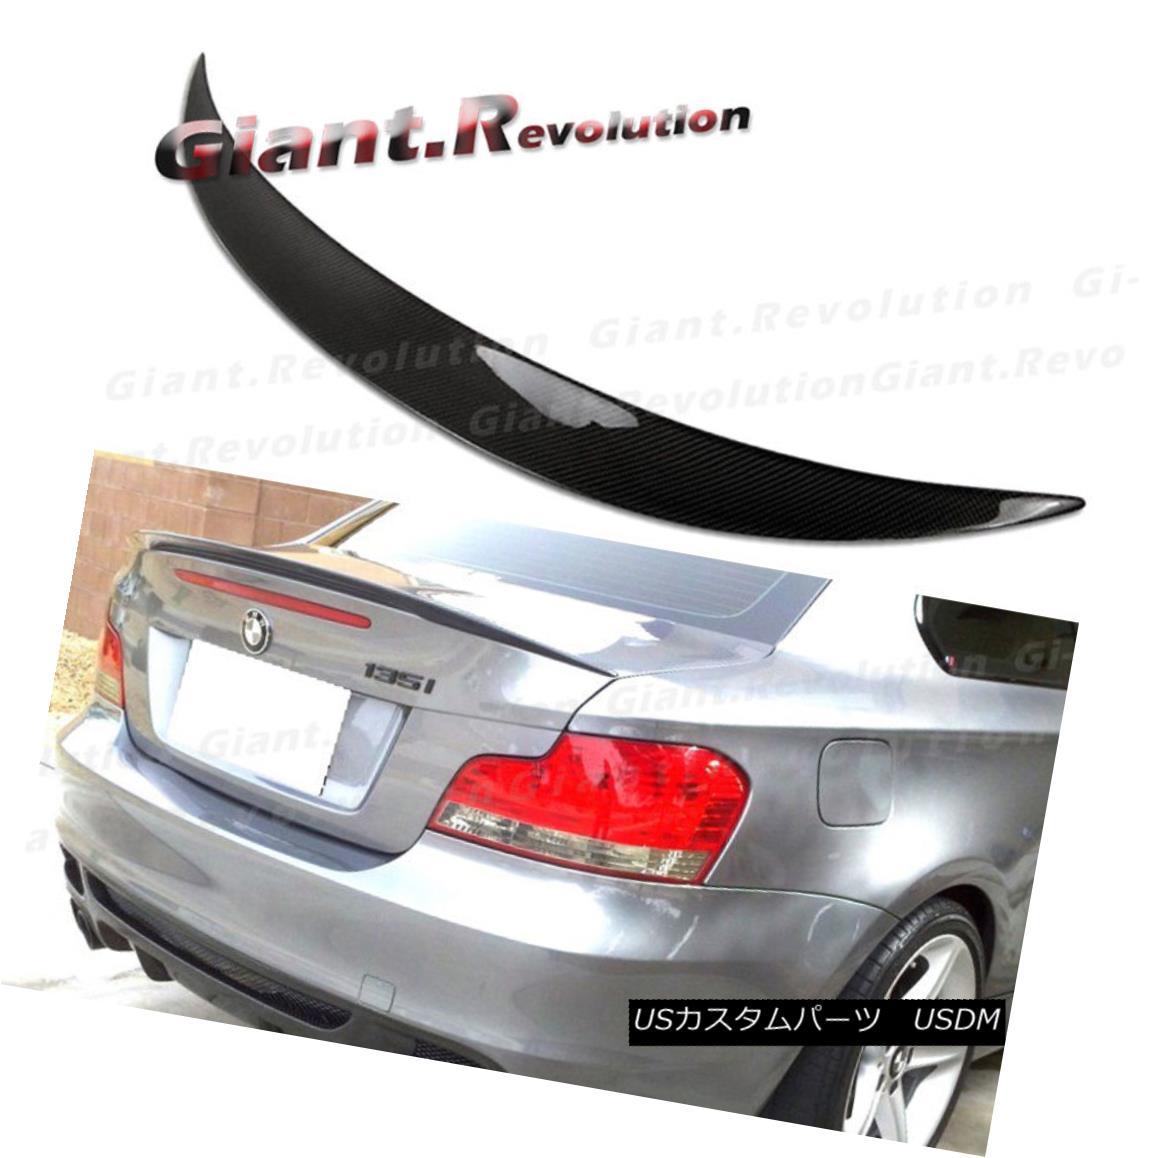 エアロパーツ Fit BMW 08-13 E82 128i 135i 2DR Boot Lid Carbon Fiber P Style Rear Trunk Spoiler フィットBMW 08-13 E82 128i 135i 2DRブーツリッドカーボンファイバーPスタイルリア・トランク・スポイラー